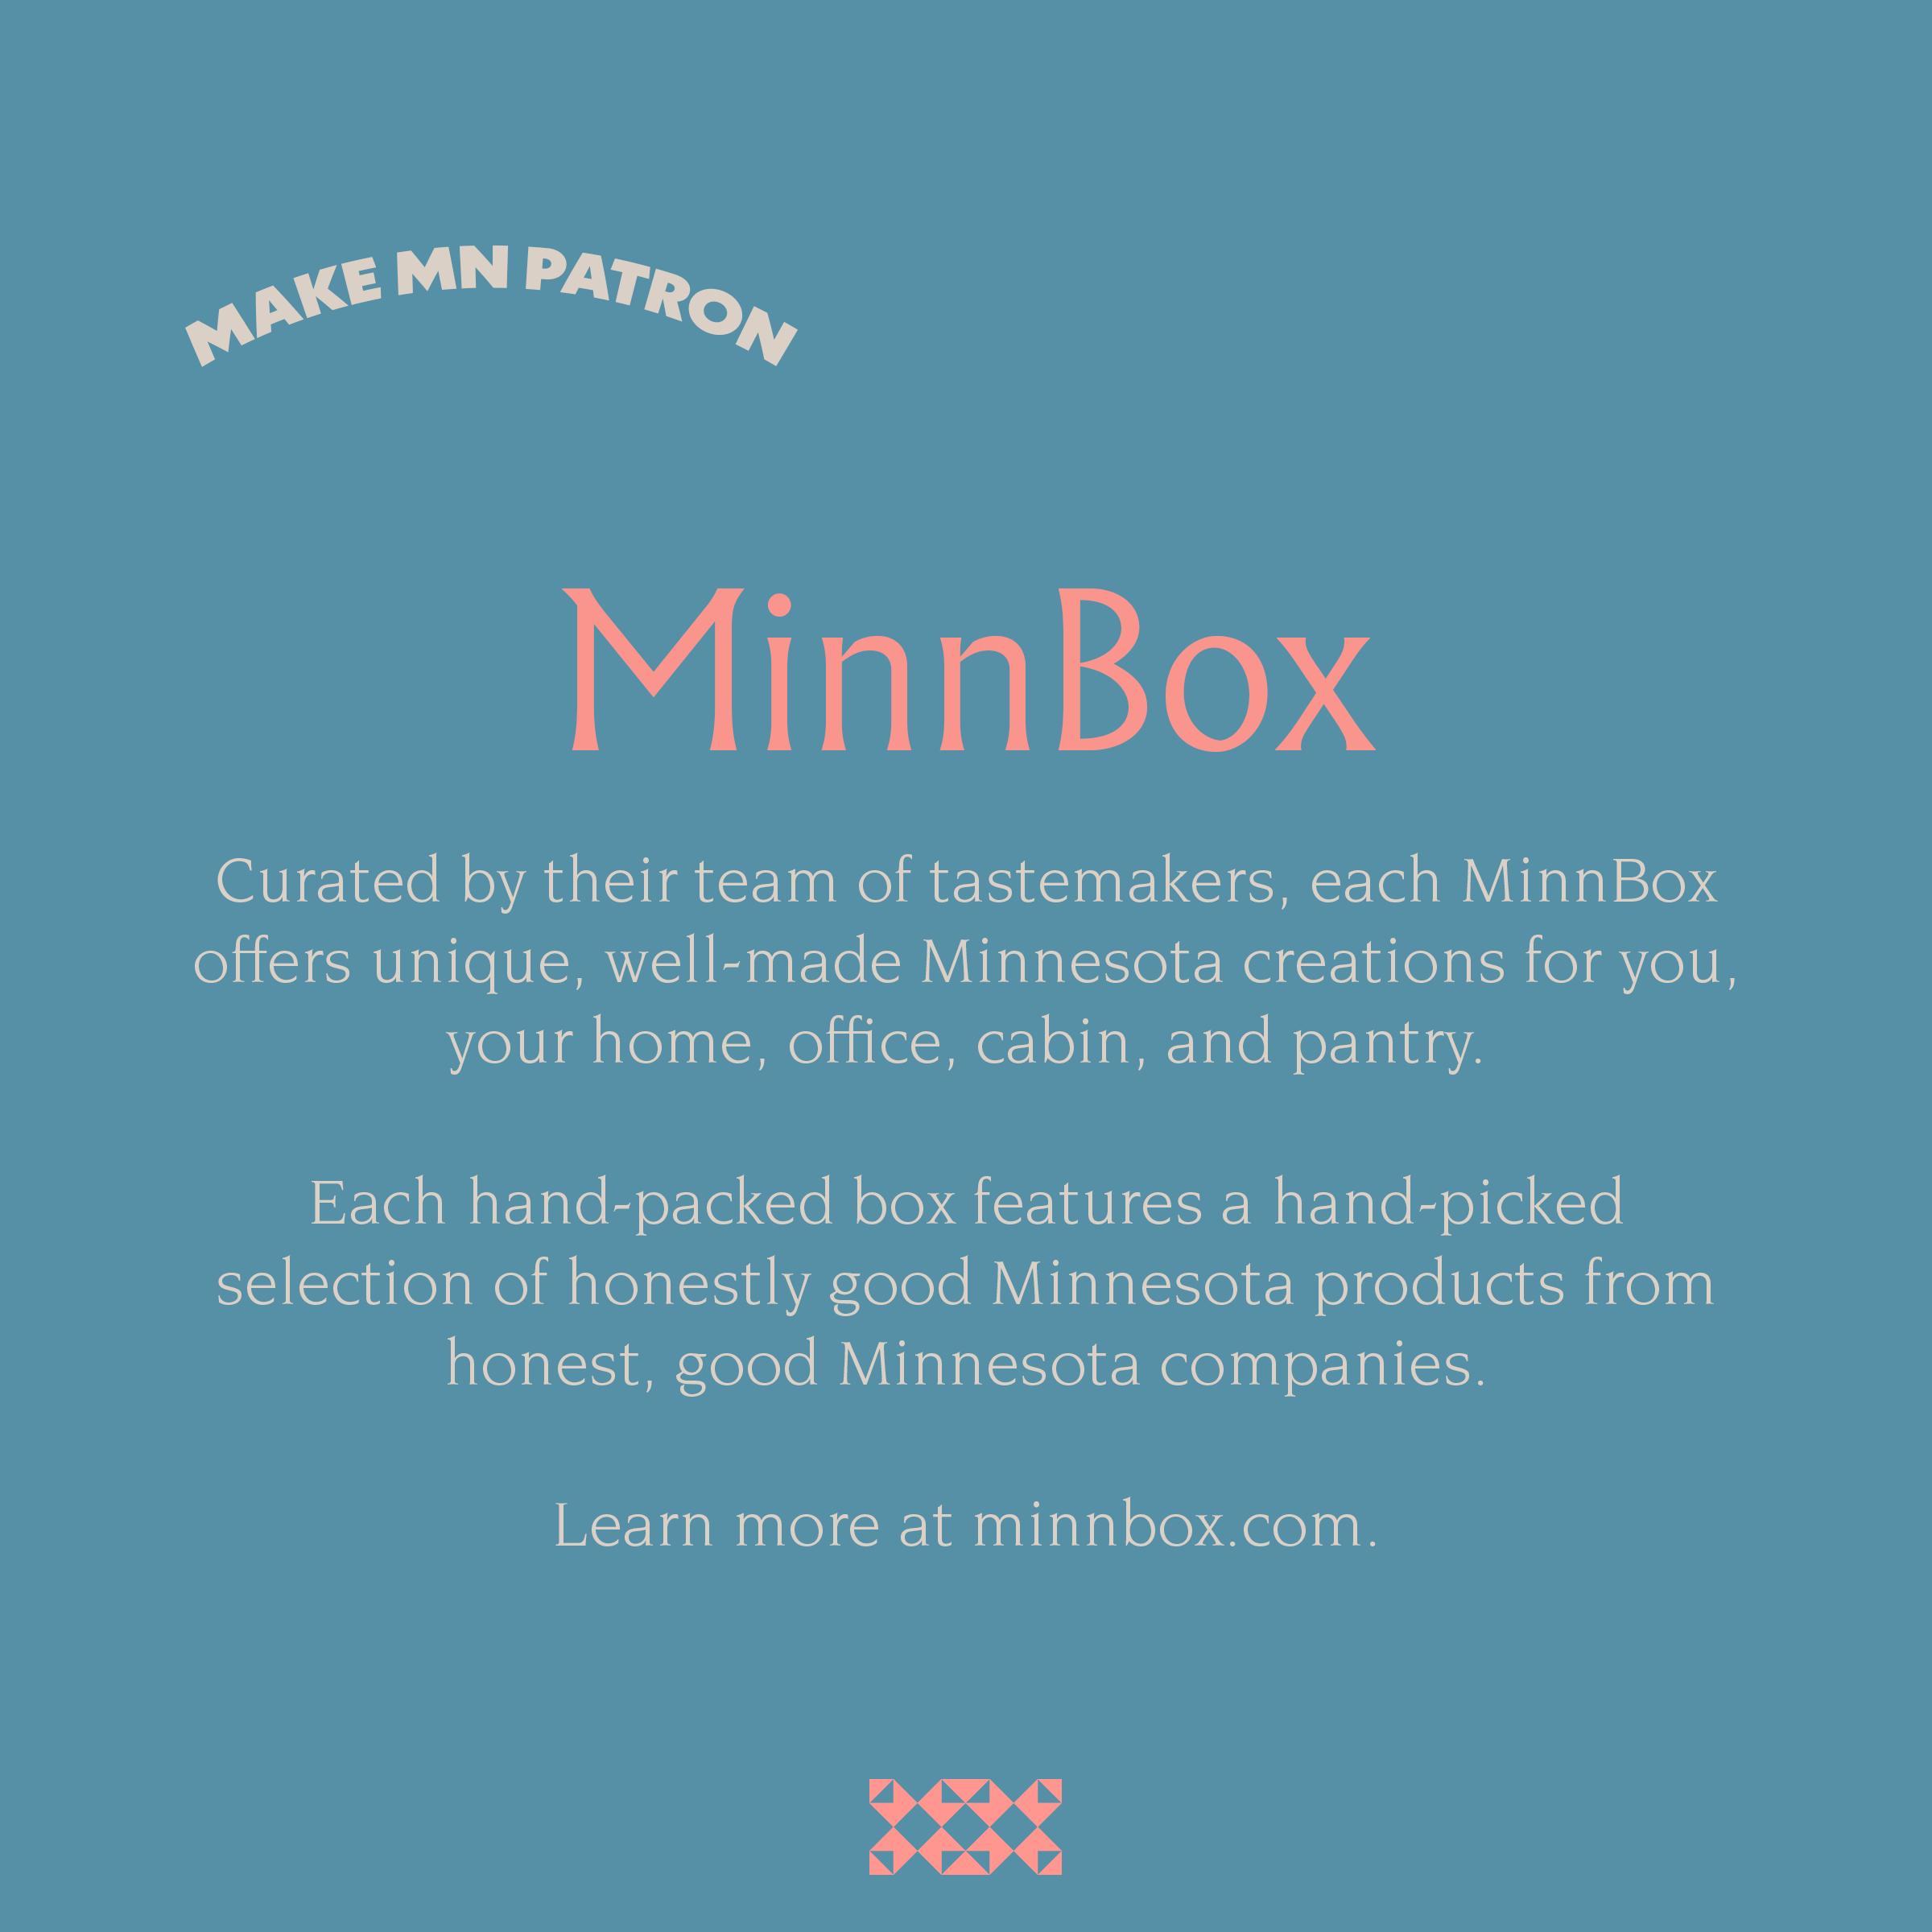 Patron_Template-MinnBox2.png